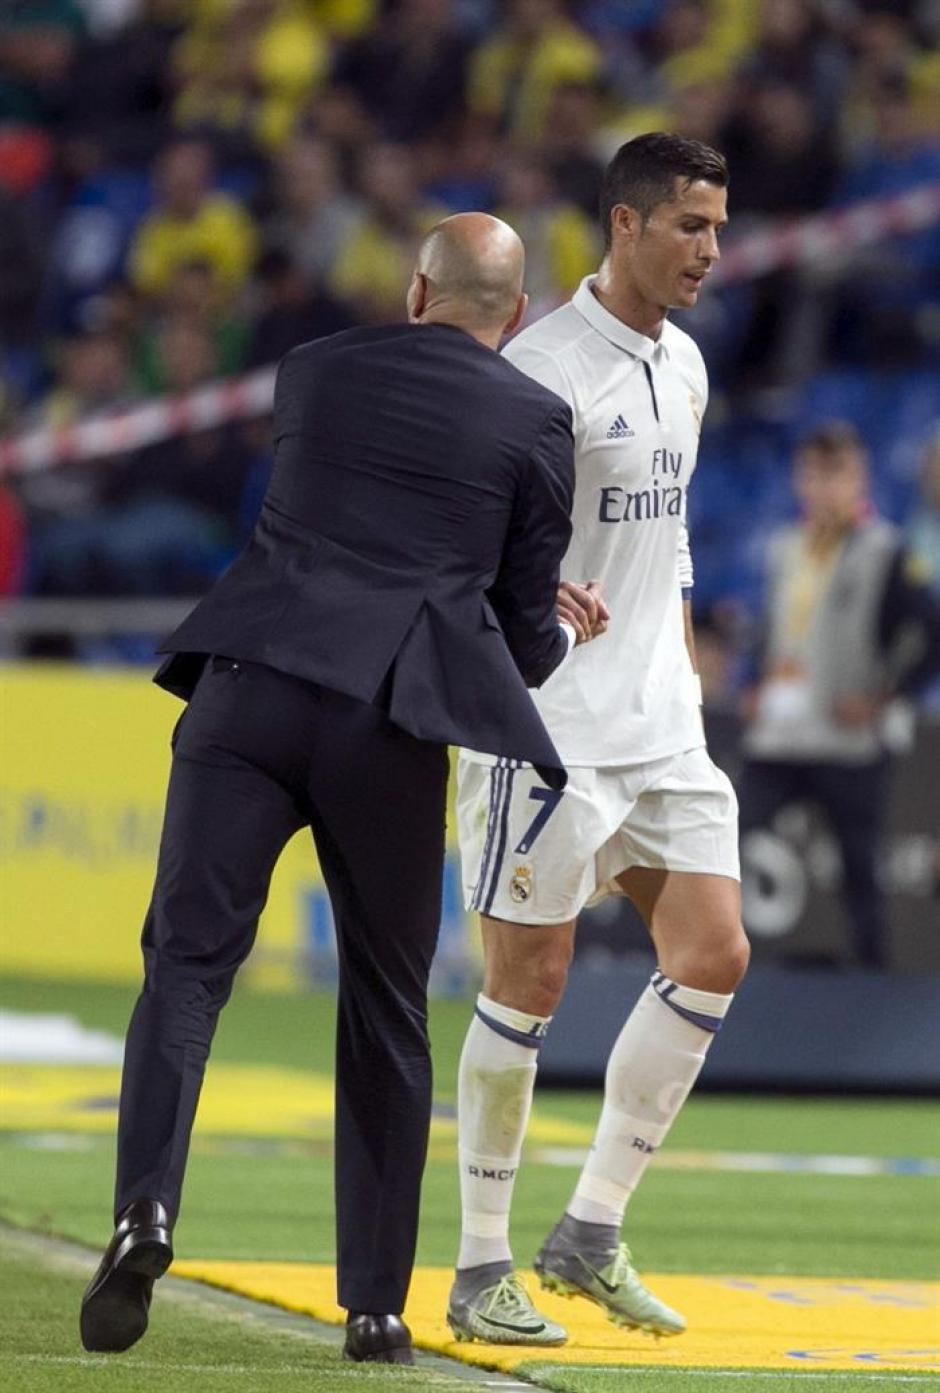 Cristiano mostró su enfado por salir de cambio. (Foto: AFP)